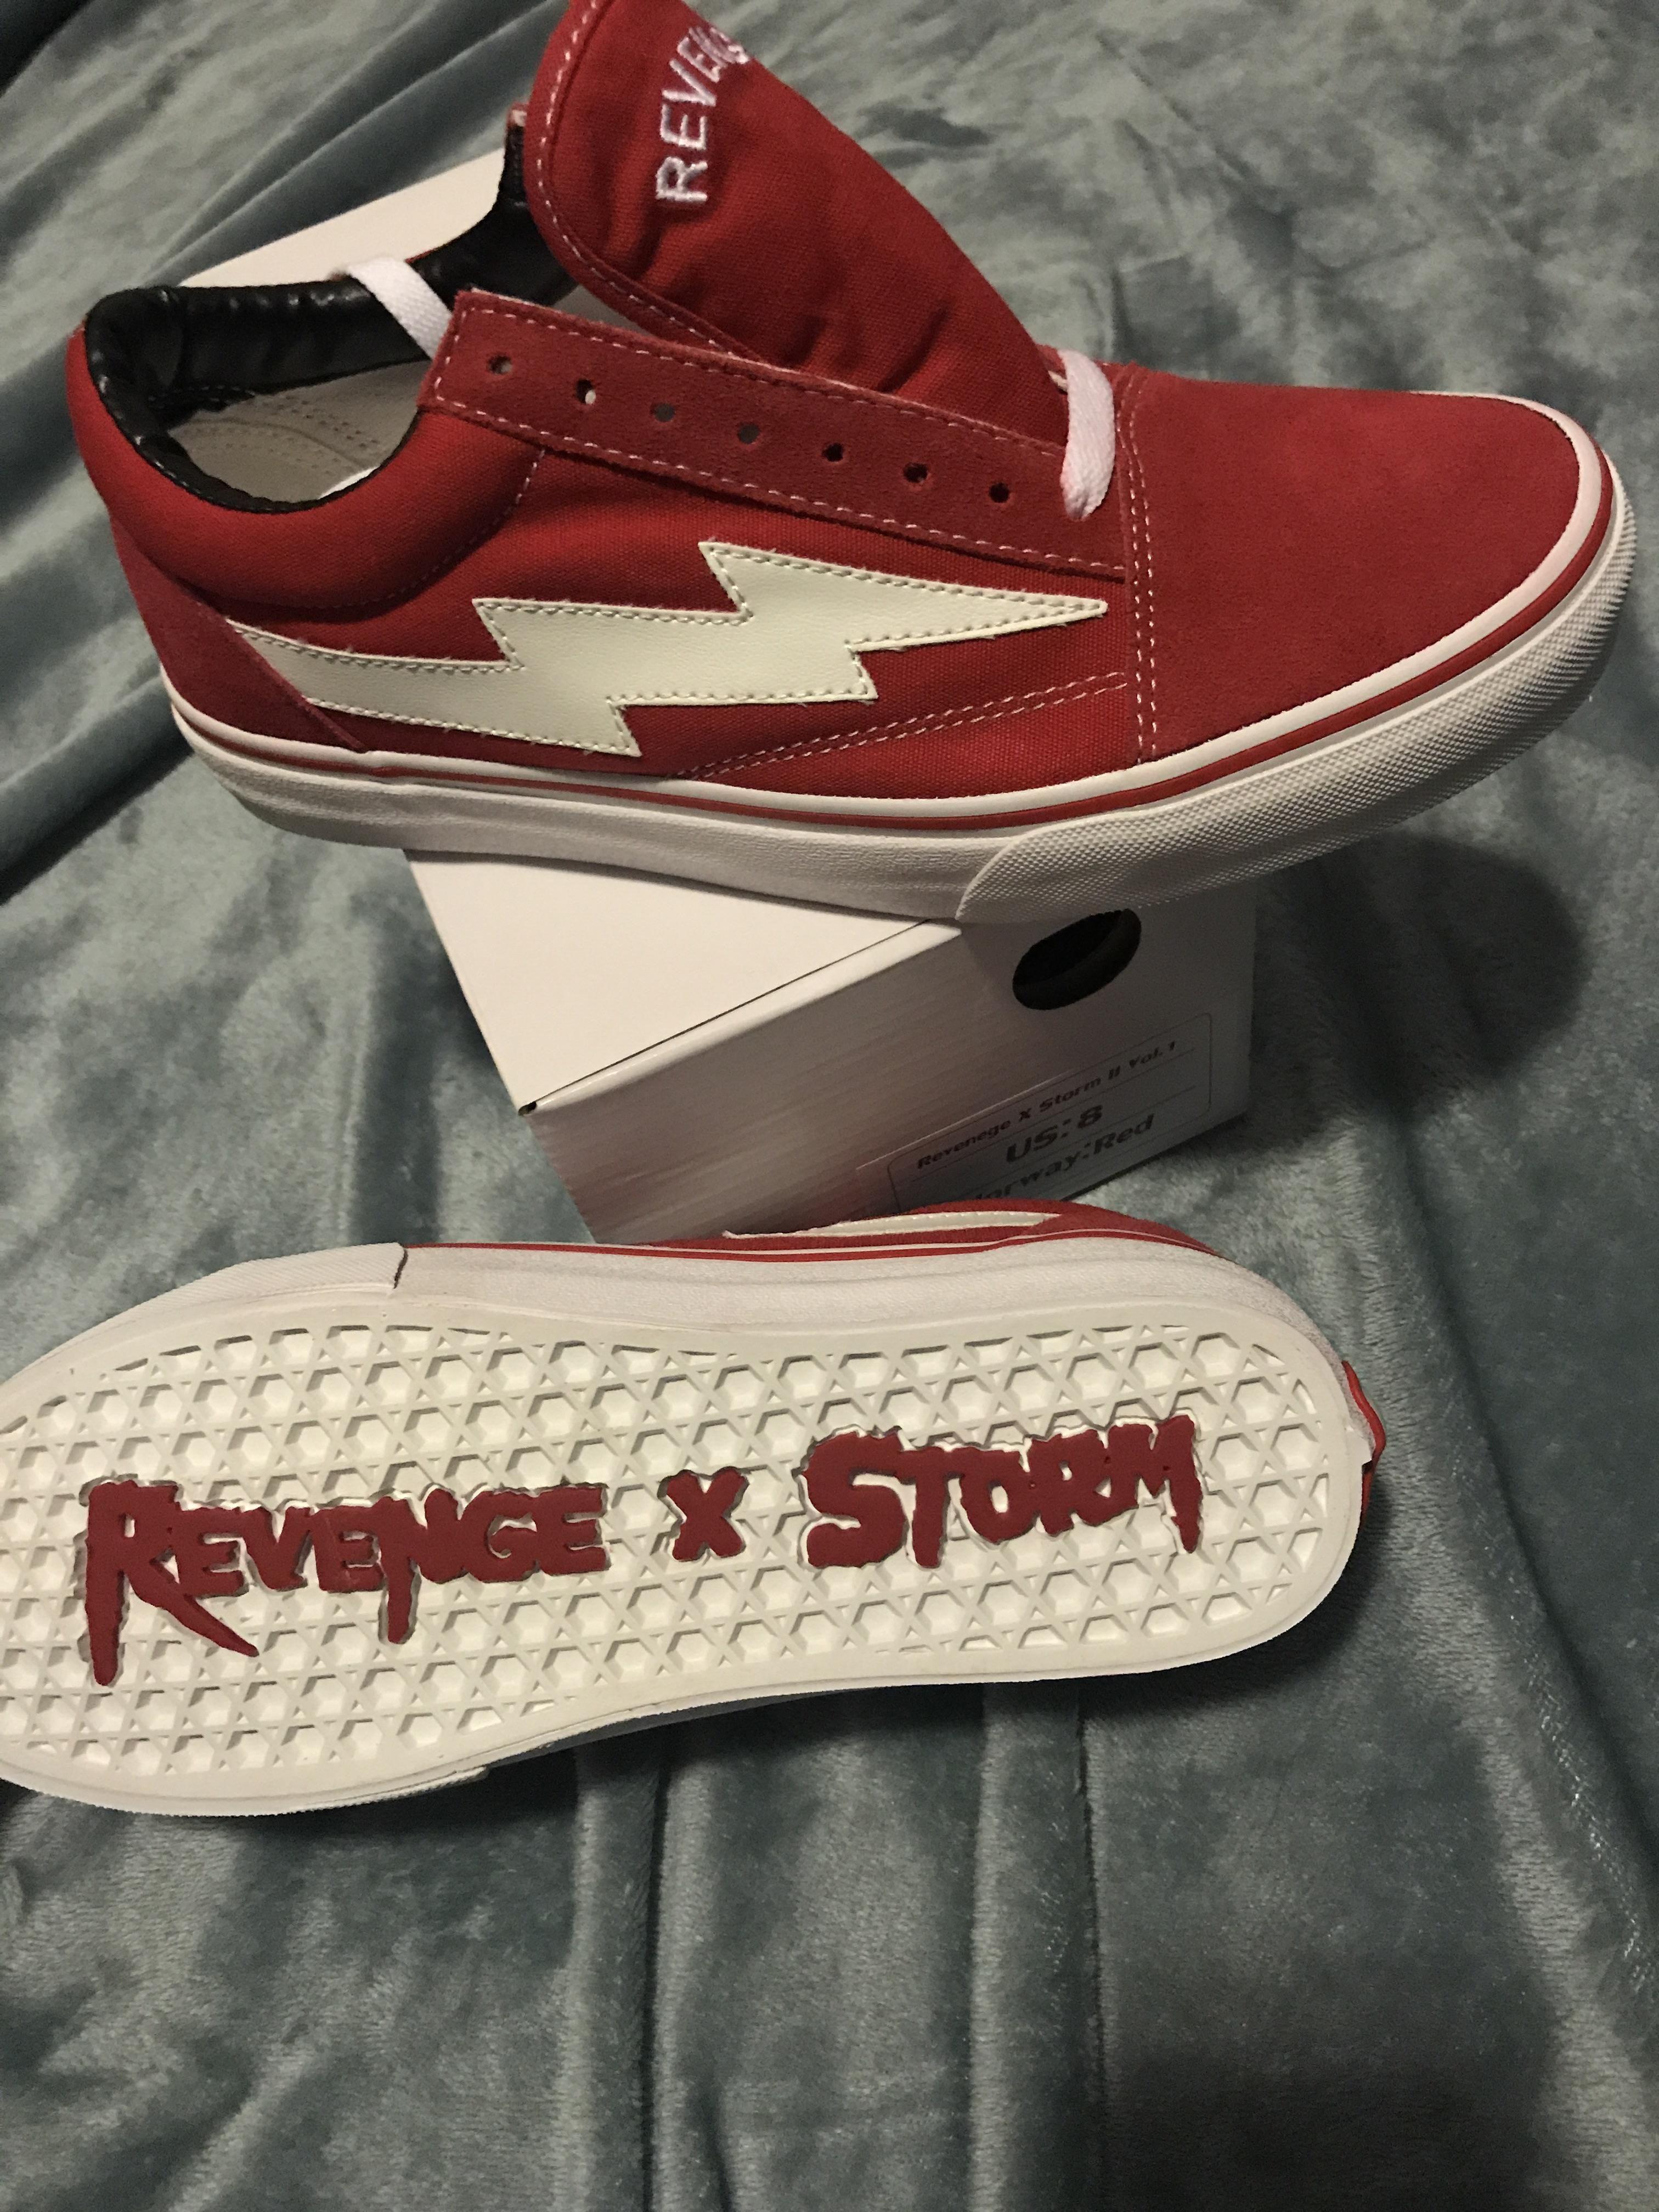 Revenge X Storm Ian Connor Http Ift Tt 2hjxcql Dream Shoes Vans Shoes Me Too Shoes